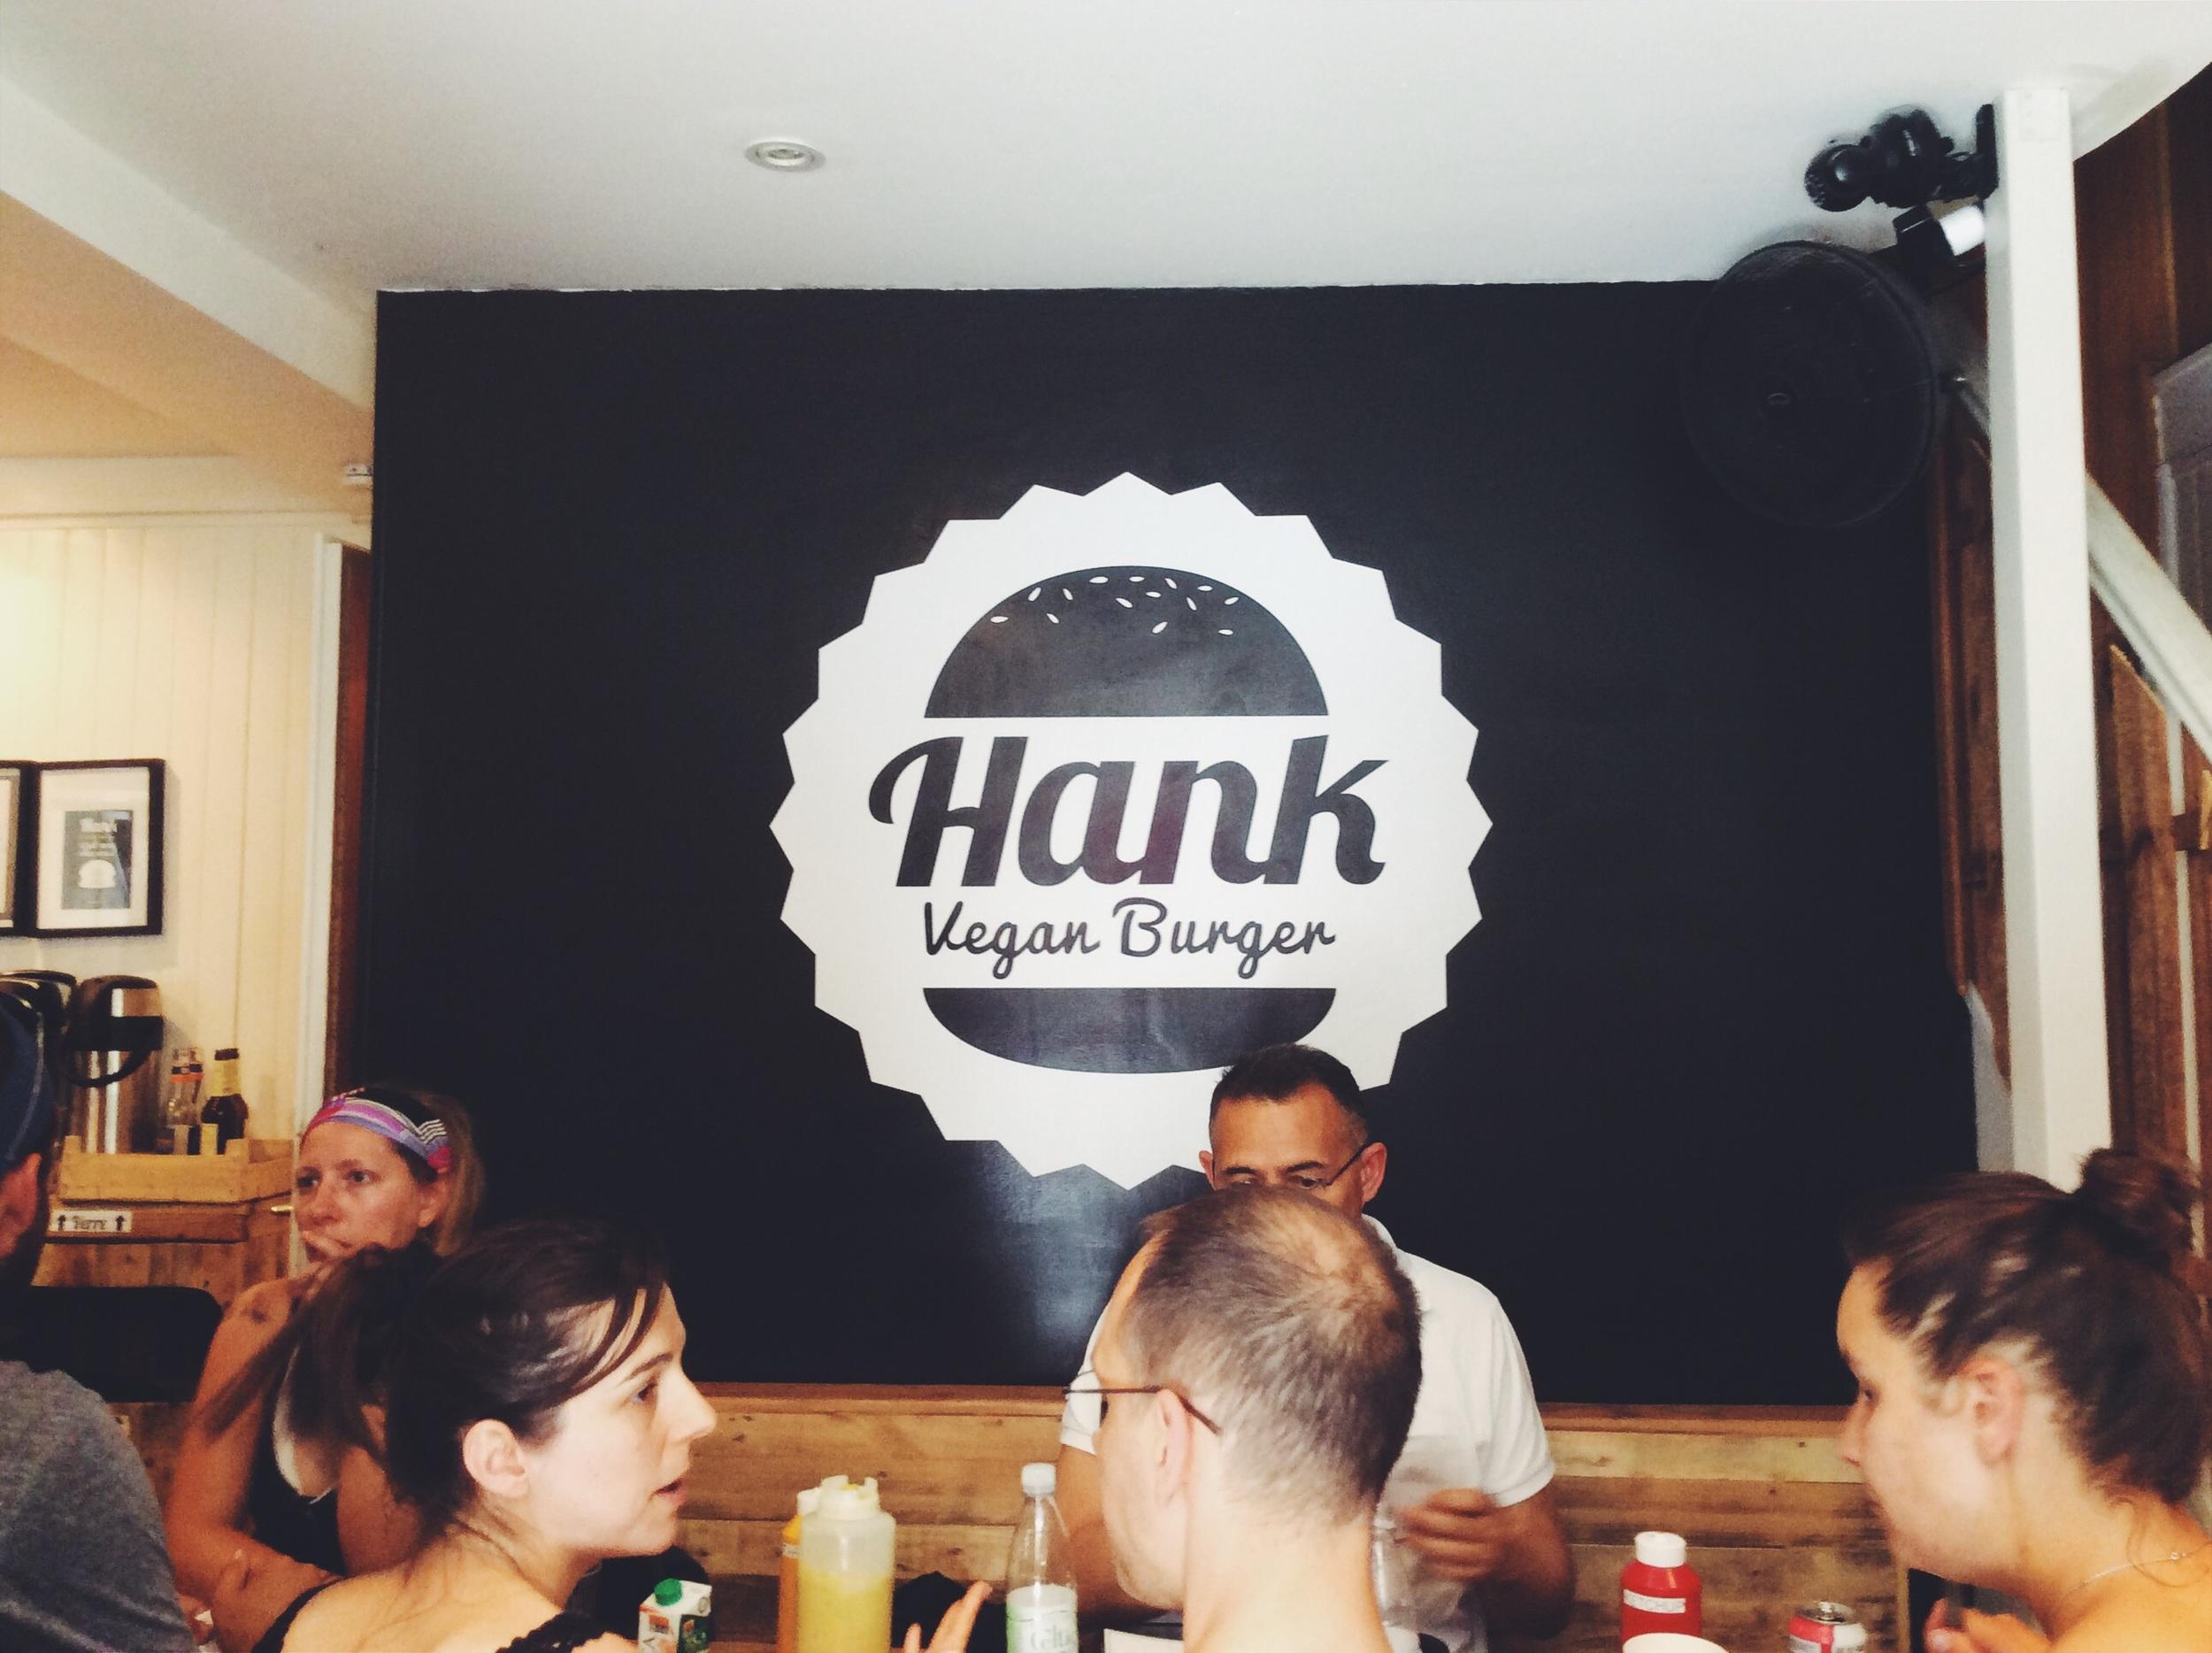 ヨガ後は、 噂のヴィーガンバーガーやさんへ!   実は私あまりハンバーガーというものに興味がなかった(コロッケ食パン派)のですが、このグルメバーガーともいえる出来栄えに感動。しかも材料すべてオーガニック。 http://hankburger.com